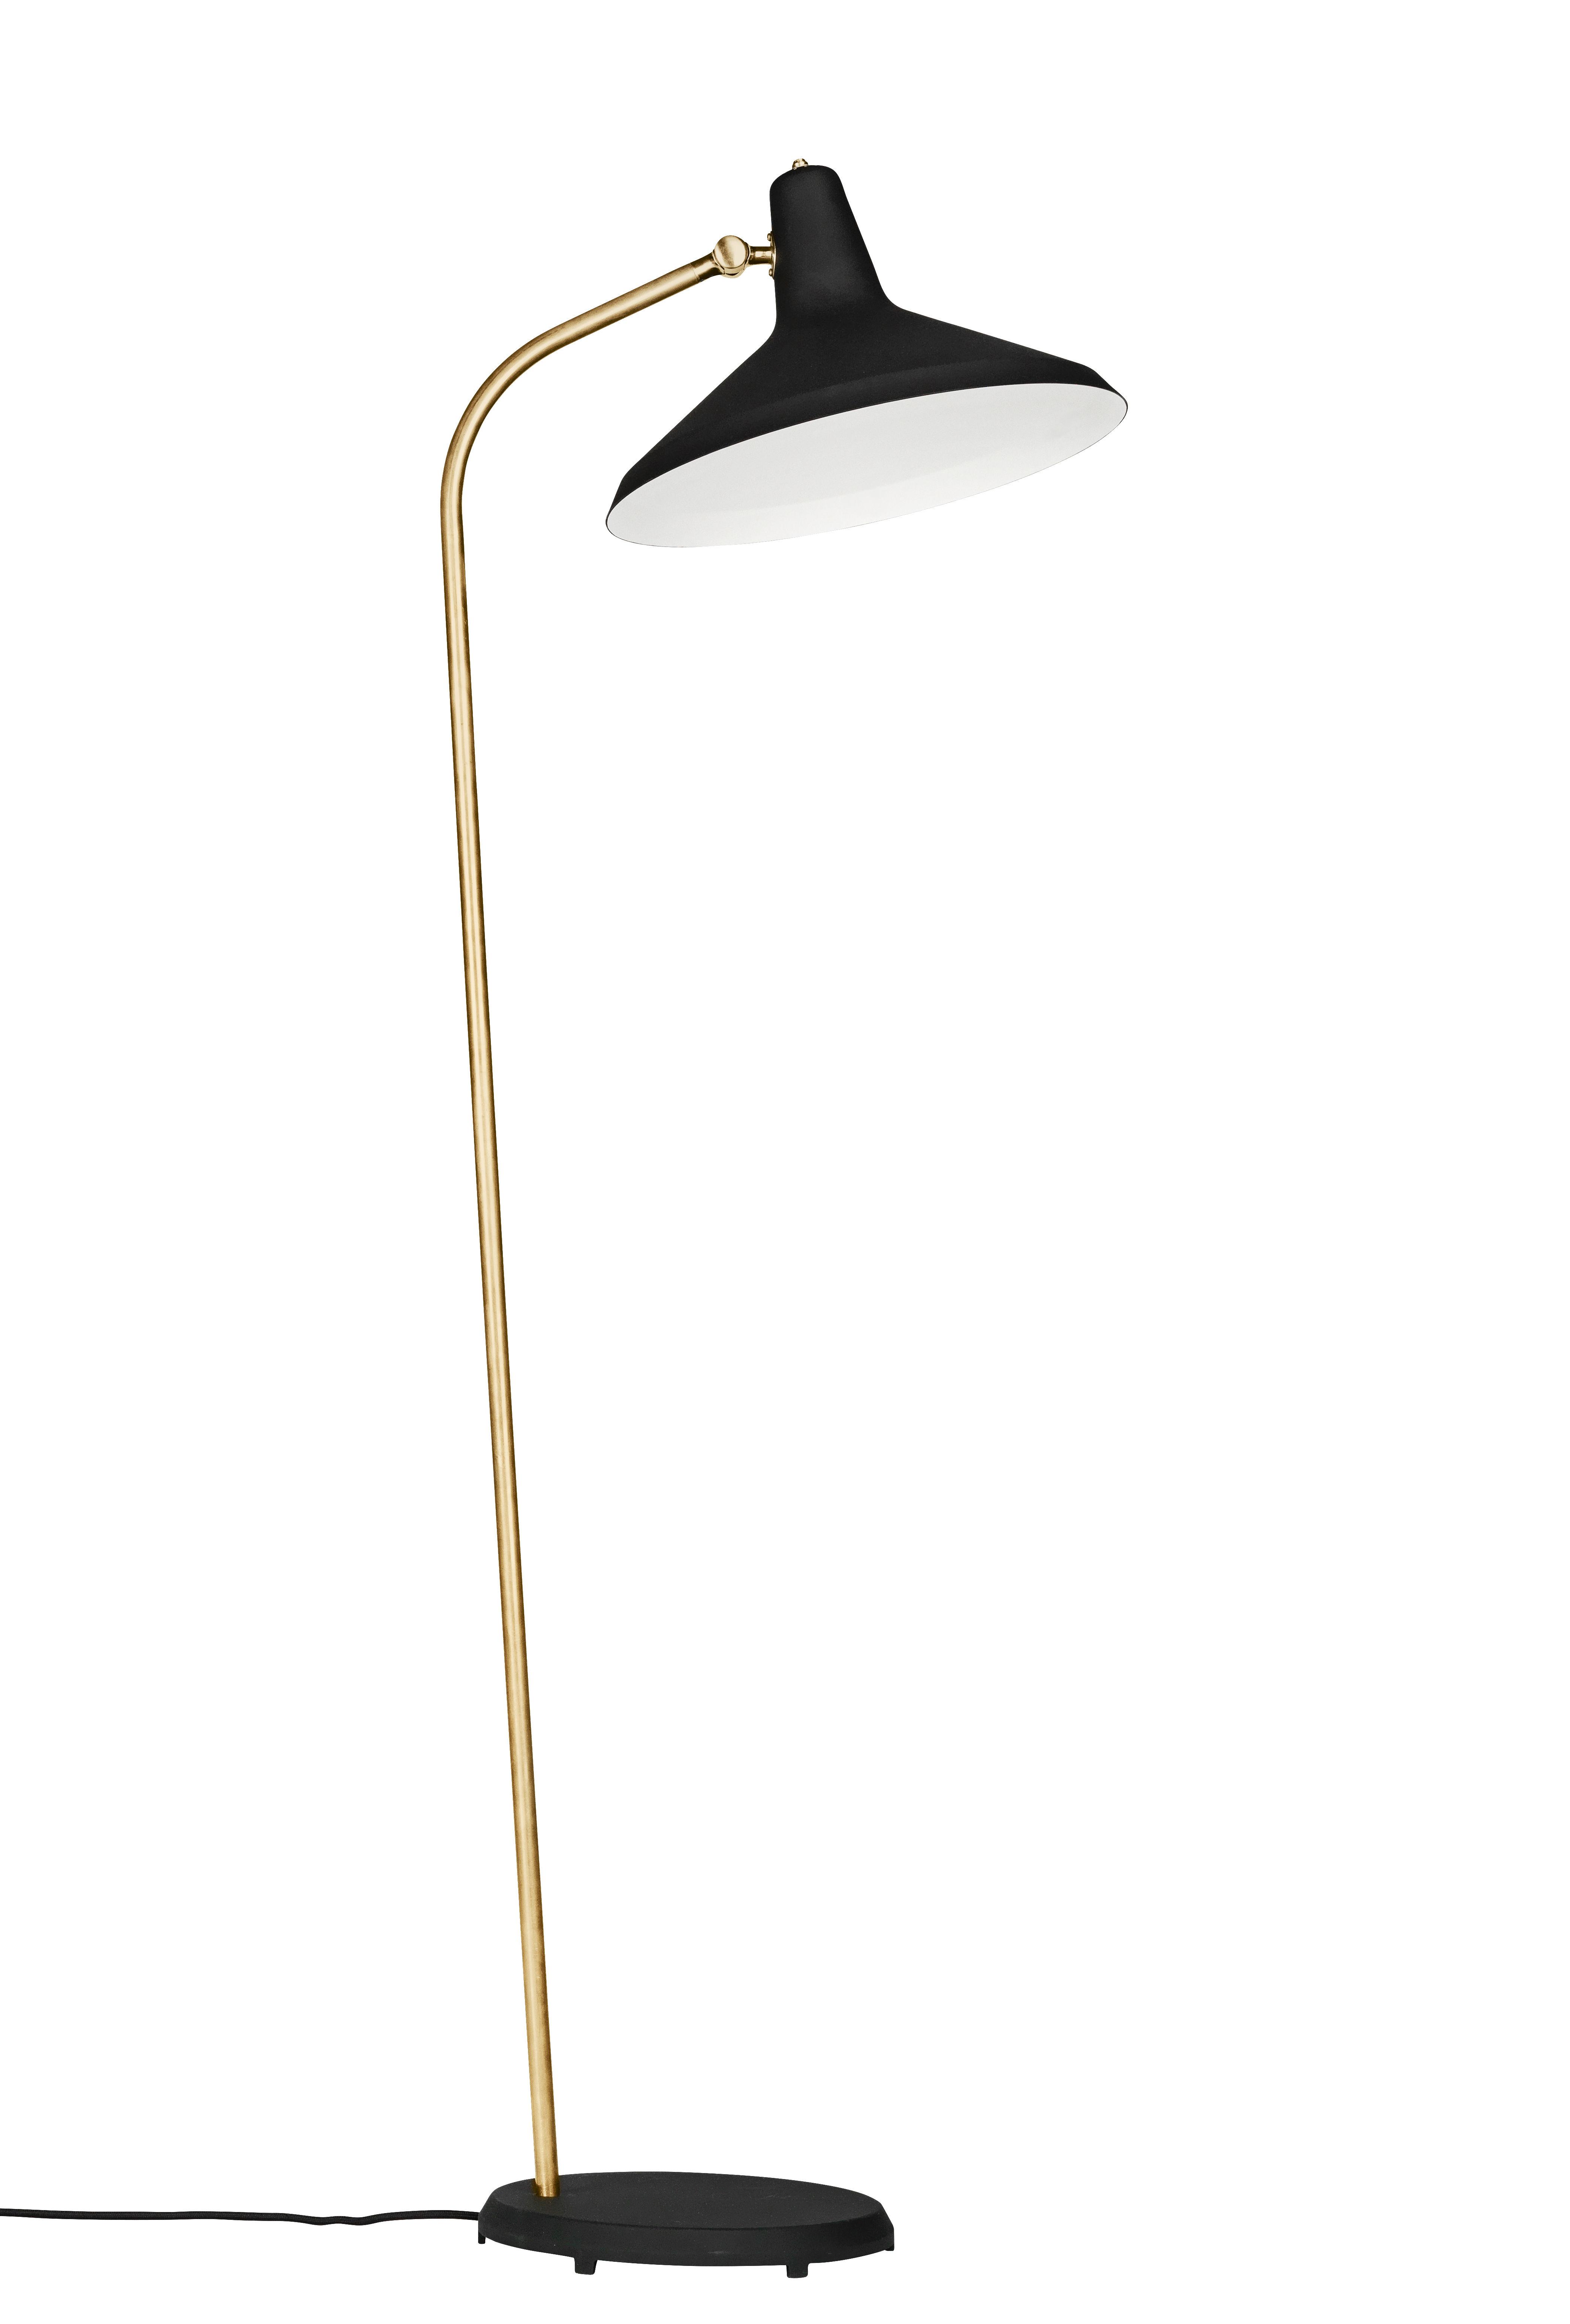 Luminaire - Lampadaires - Lampadaire G10 / Grossman - Réédition 1950 - Gubi - Noir & Laiton - Laiton, Métal, Tissu, Verre